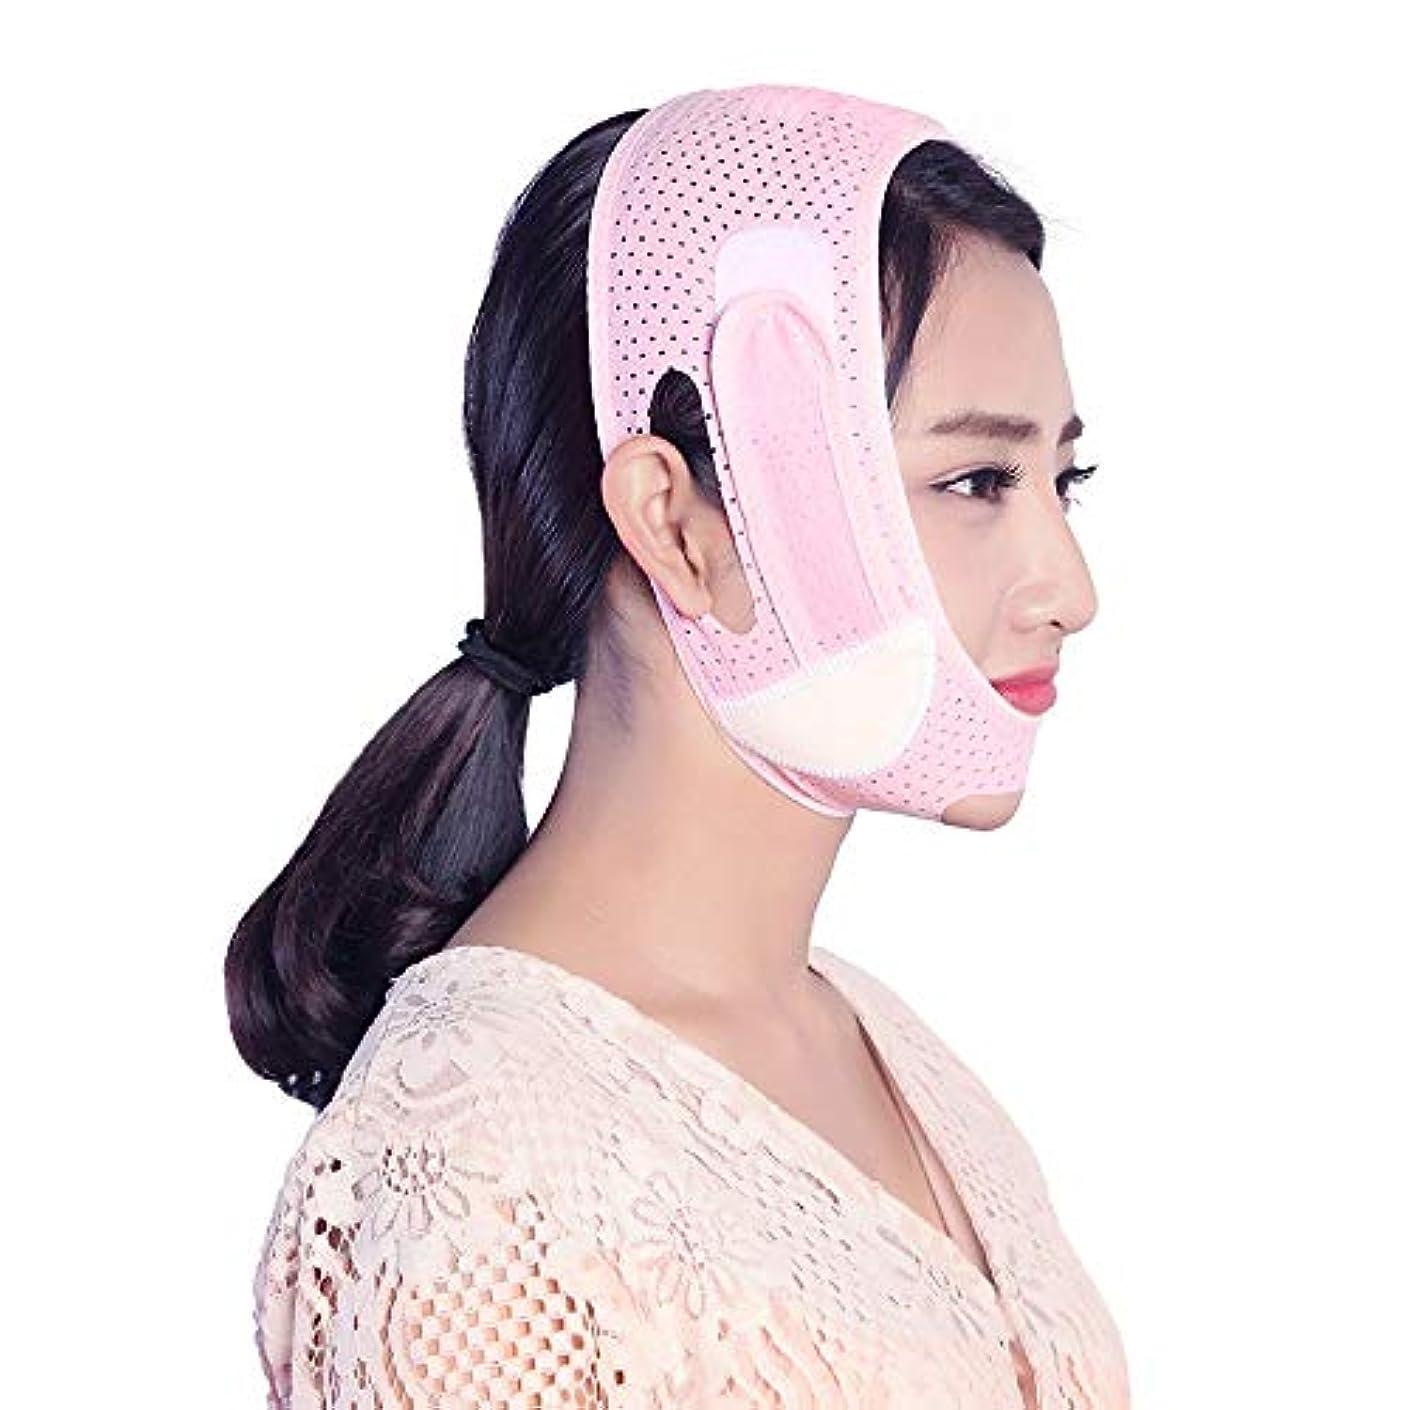 美人静かに自殺Jia Jia- 睡眠薄い顔パッチ包帯吊り上げプルv顔引き締めどころアーティファクト判決パターン二重あご薄いマッセルマスク - ピンク 顔面包帯